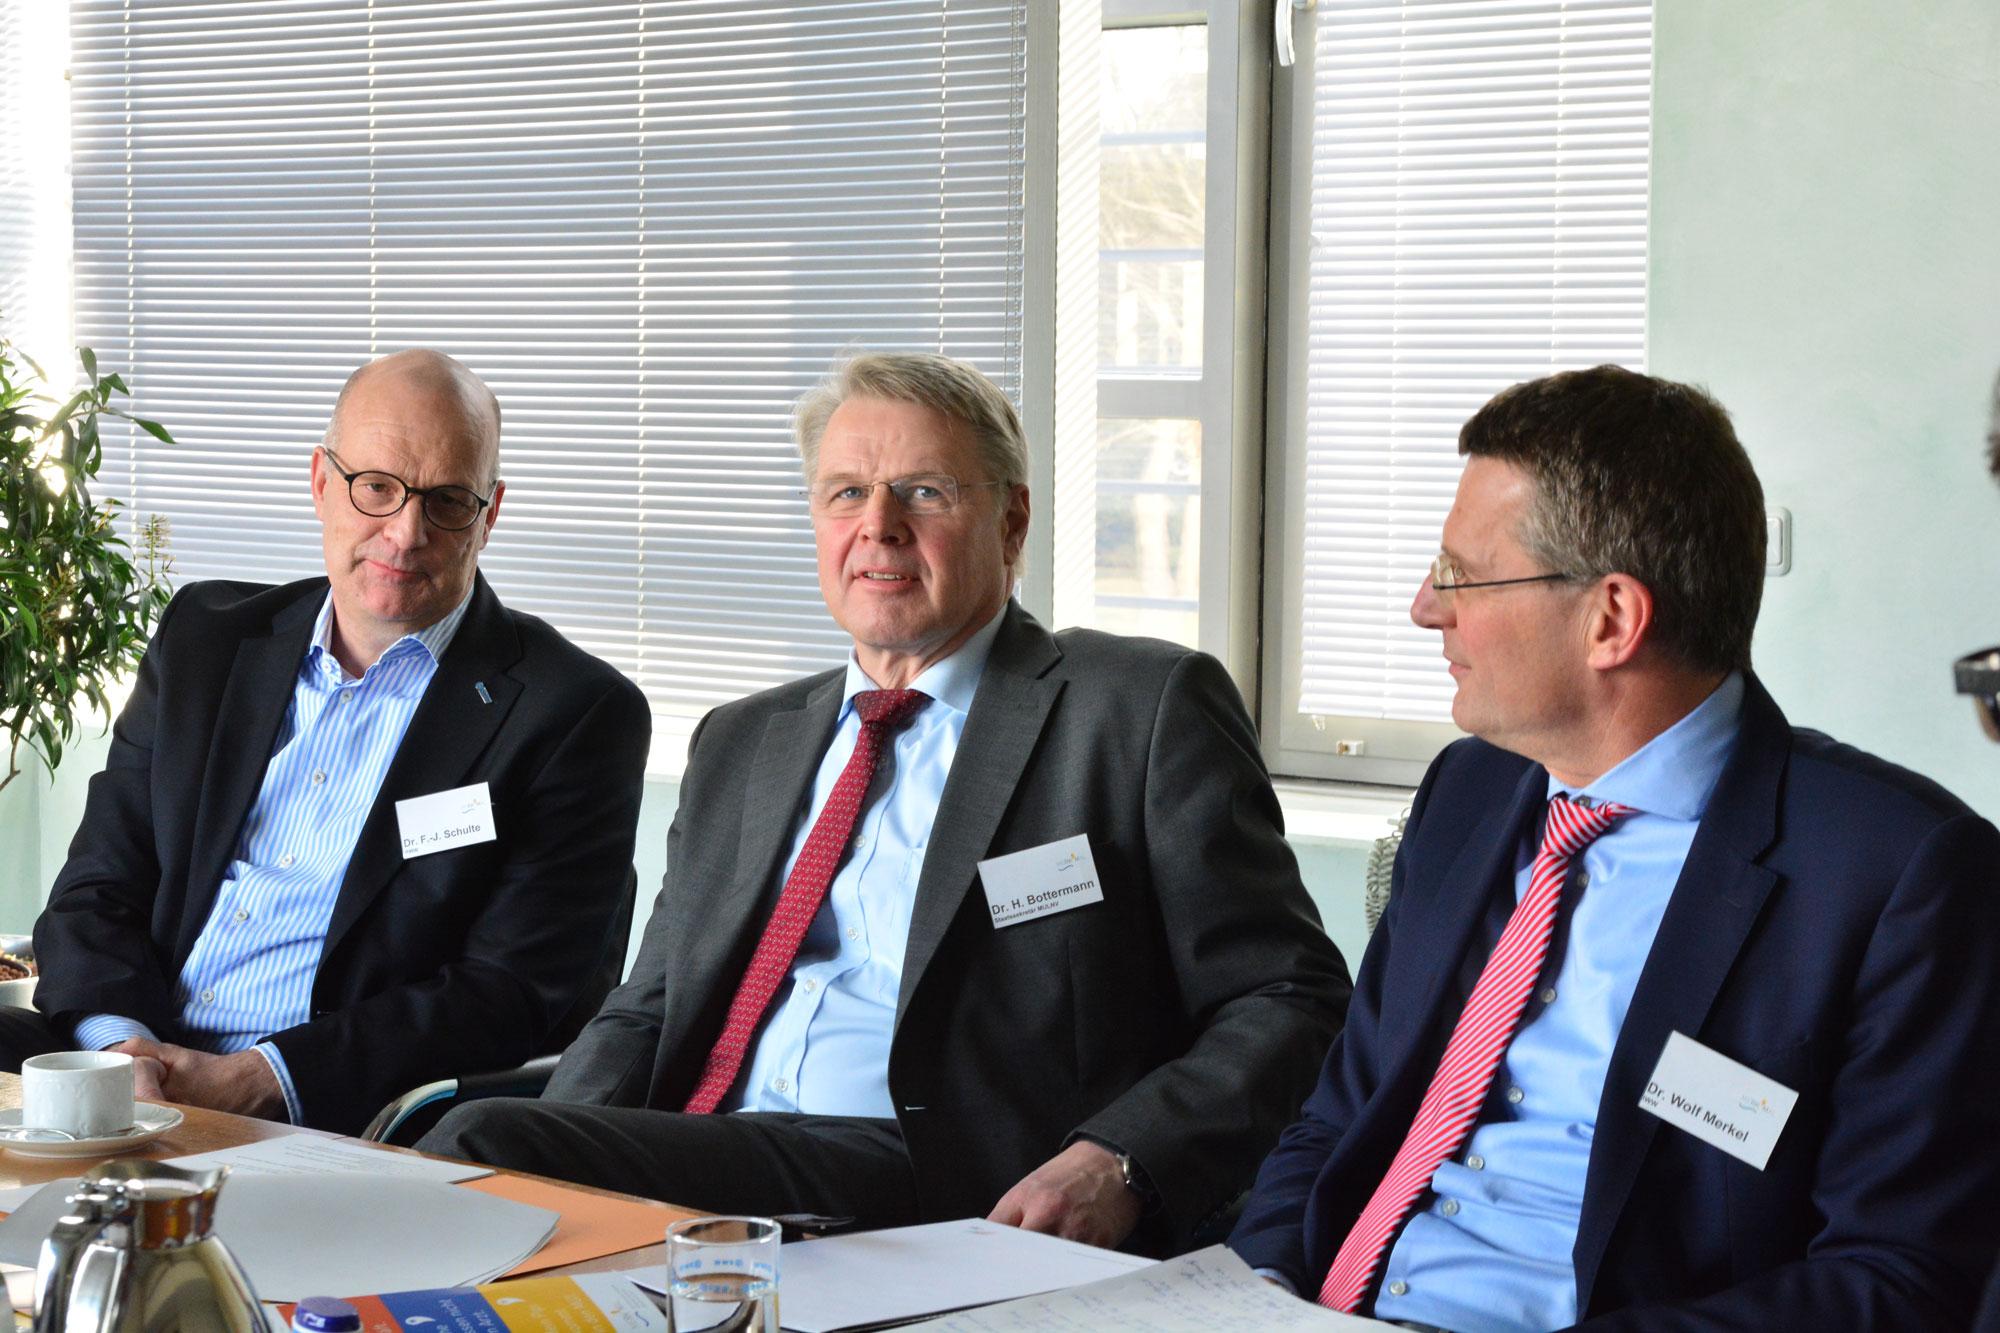 Dr. Franz-Josef Schulte (RWW), Staatssekretär Dr. Heinrich Bottermann und Dr.-Ing. Wolf Merkel (IWW) sind zufrieden mit dem Verlauf des Projekts und können sich einen Roll-Out auf einen größeren Untersuchungsraum vorstellen.